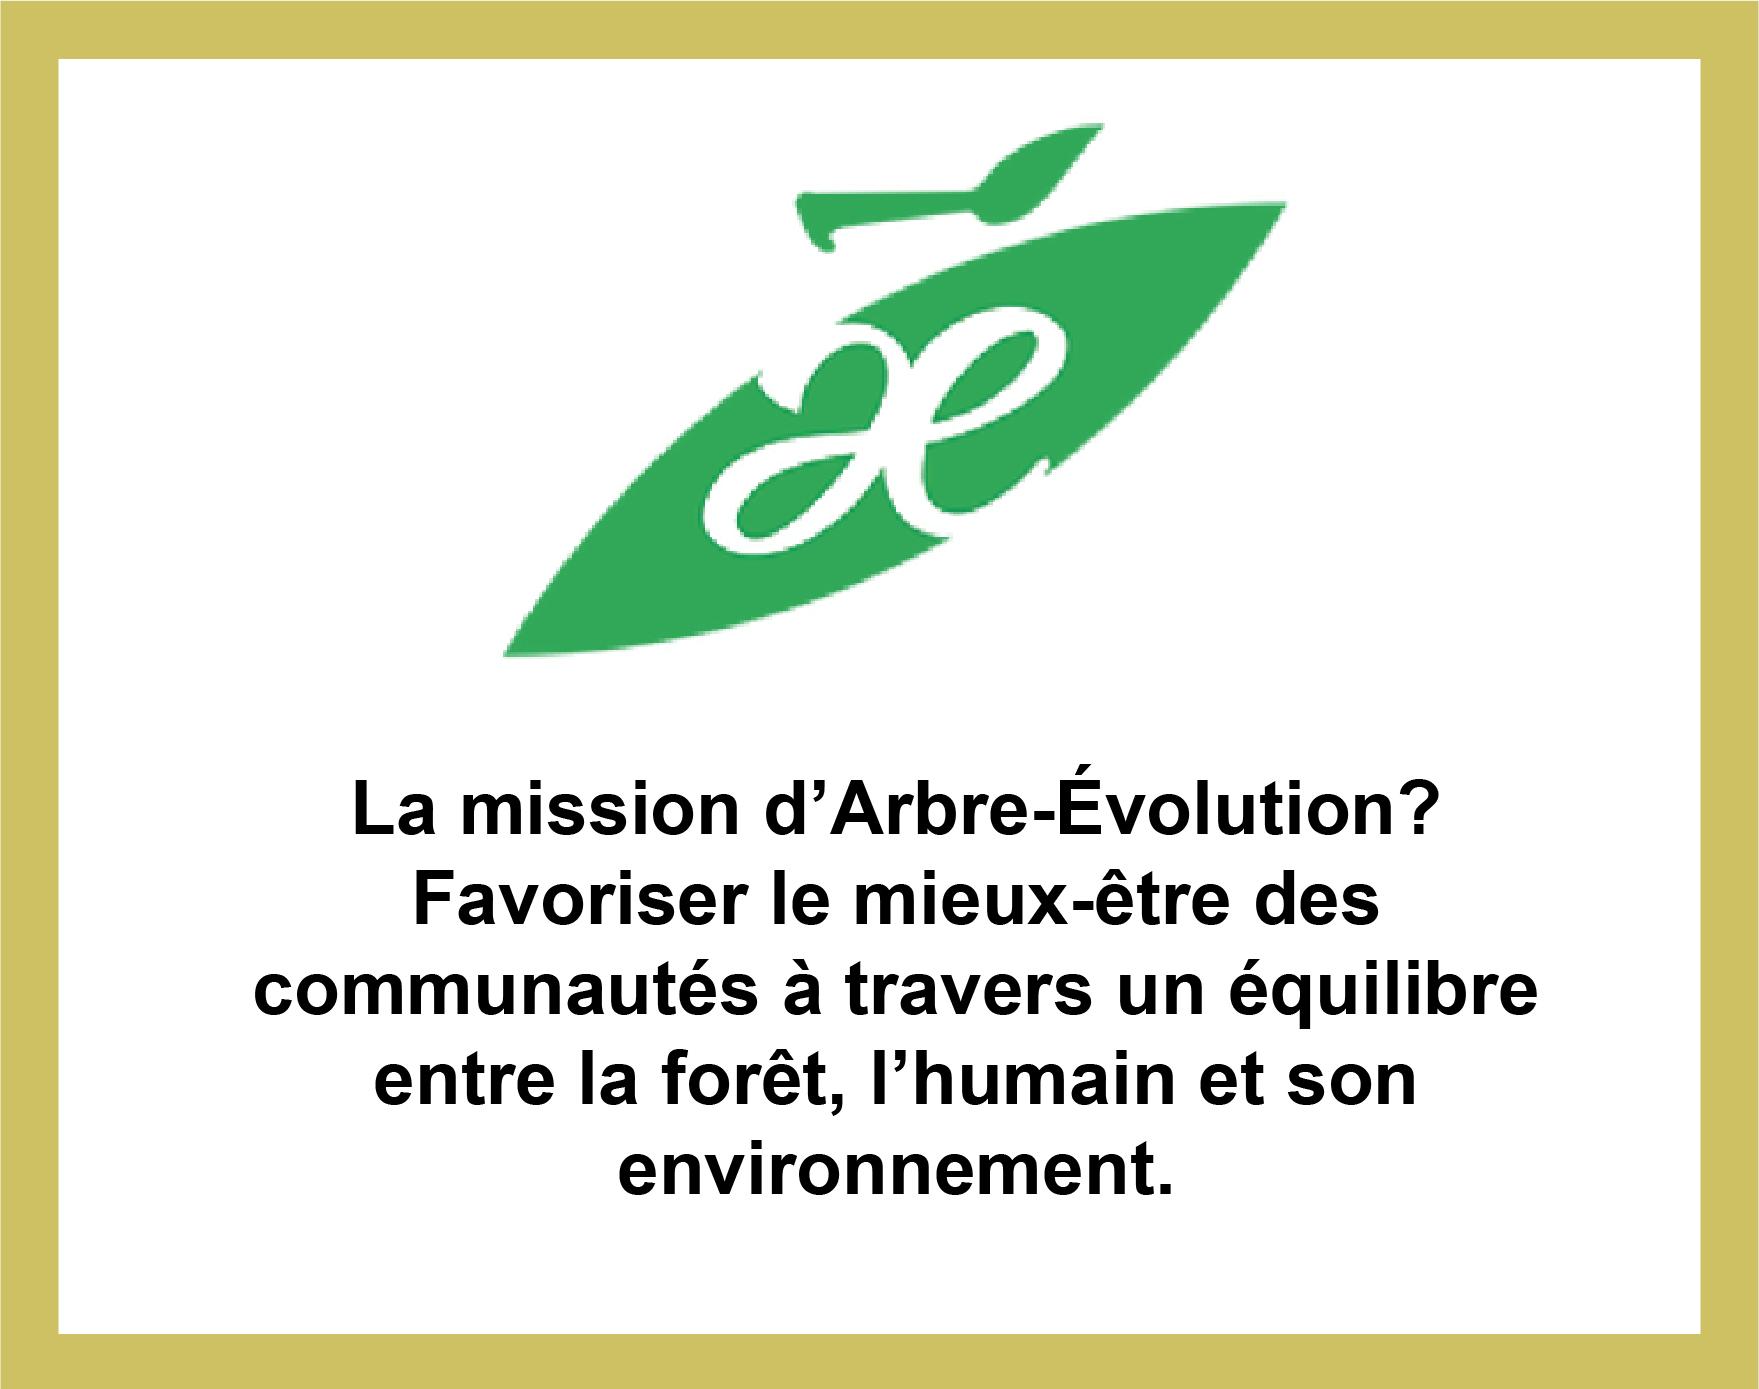 Partenariat avec Arbre Évolution, pour favoriser le bien-être des communautés entre la forêt et l'humain